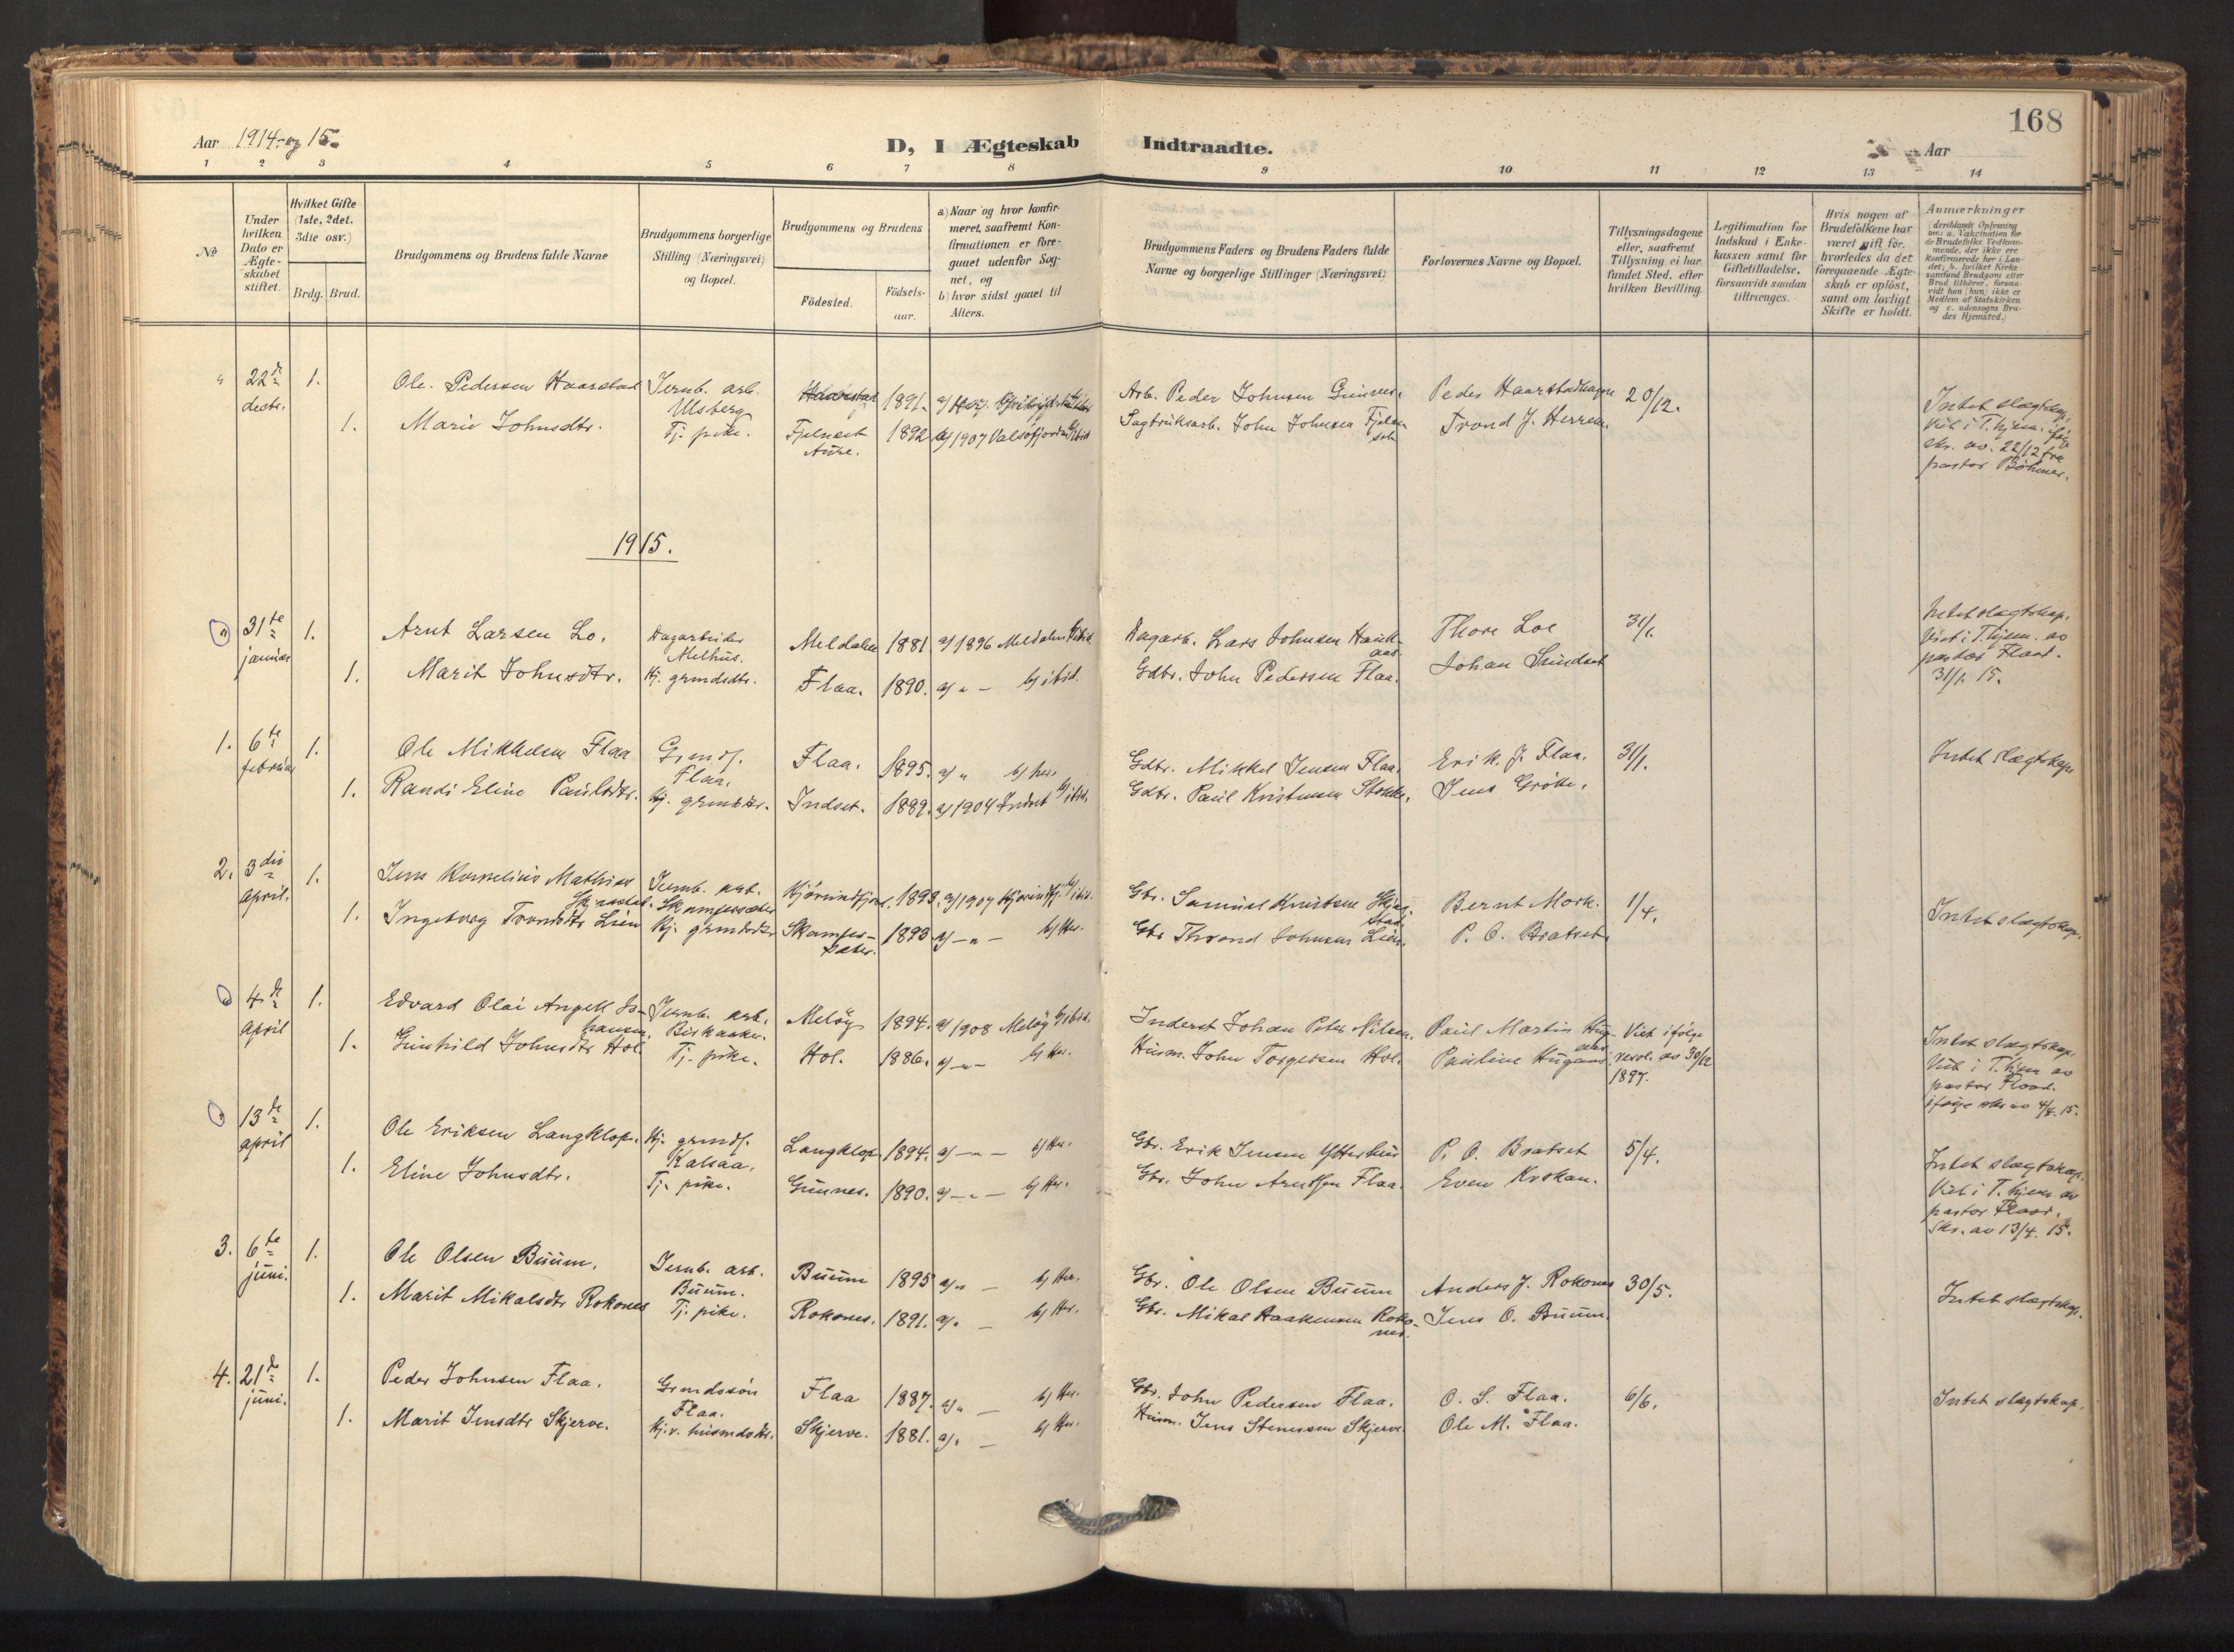 SAT, Ministerialprotokoller, klokkerbøker og fødselsregistre - Sør-Trøndelag, 674/L0873: Ministerialbok nr. 674A05, 1908-1923, s. 168